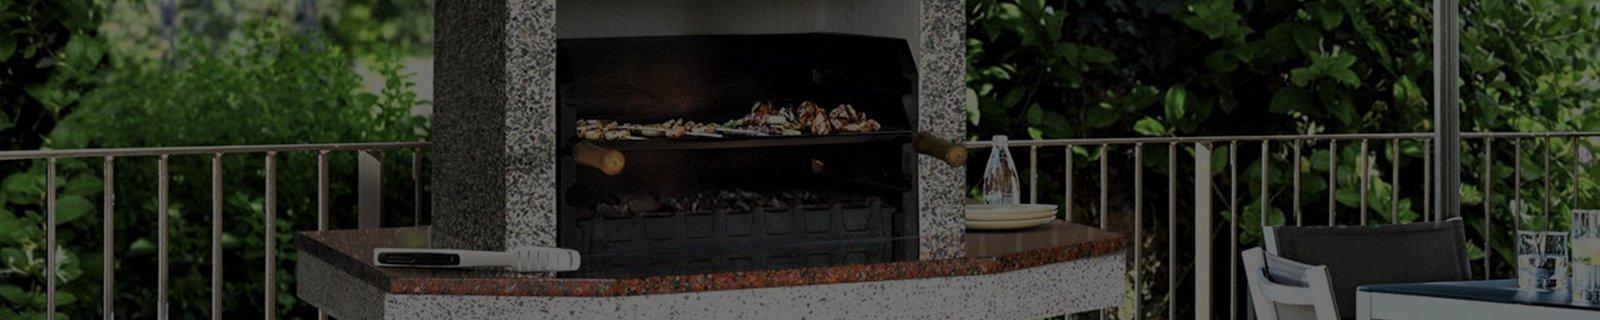 Барбекю - купить барбекю в Киеве │цены на Kaminoff.ua